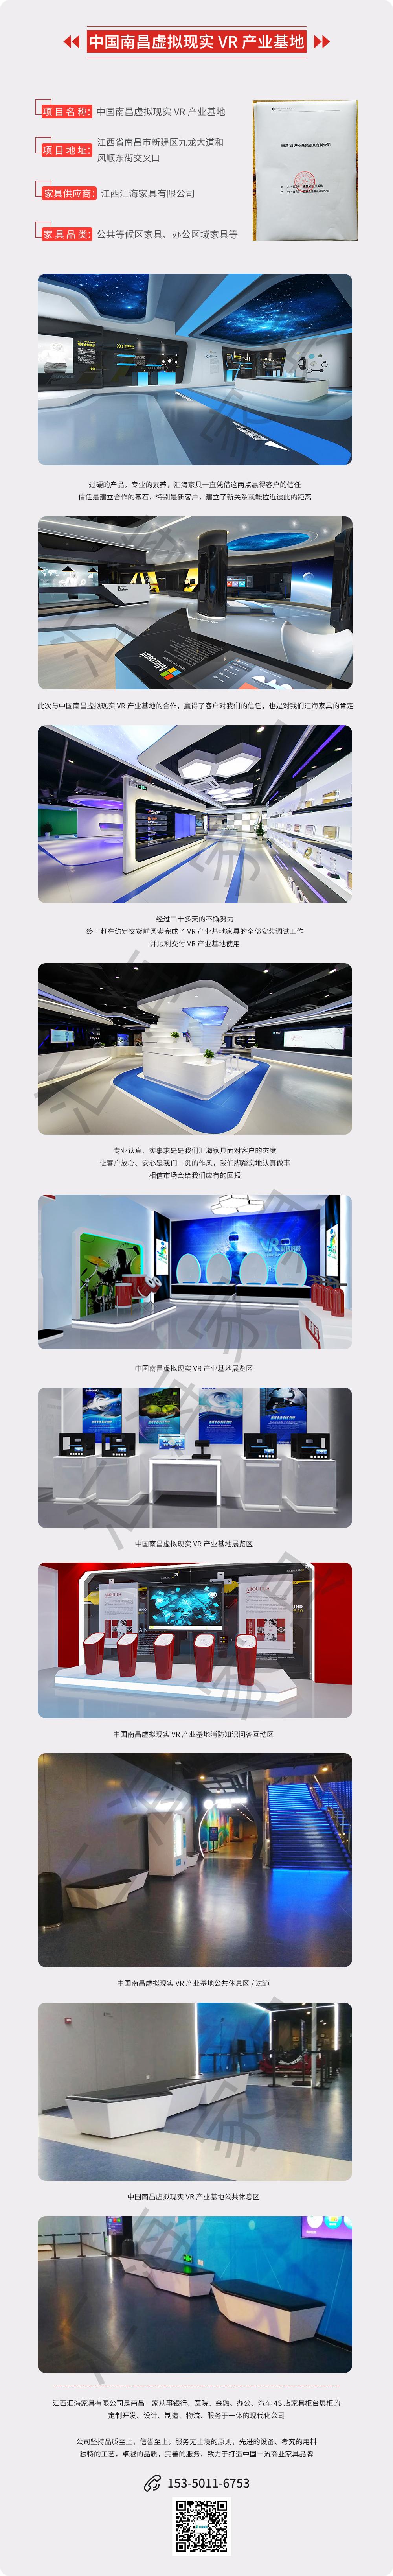 中國南昌虛擬現實VR產業基地.jpg